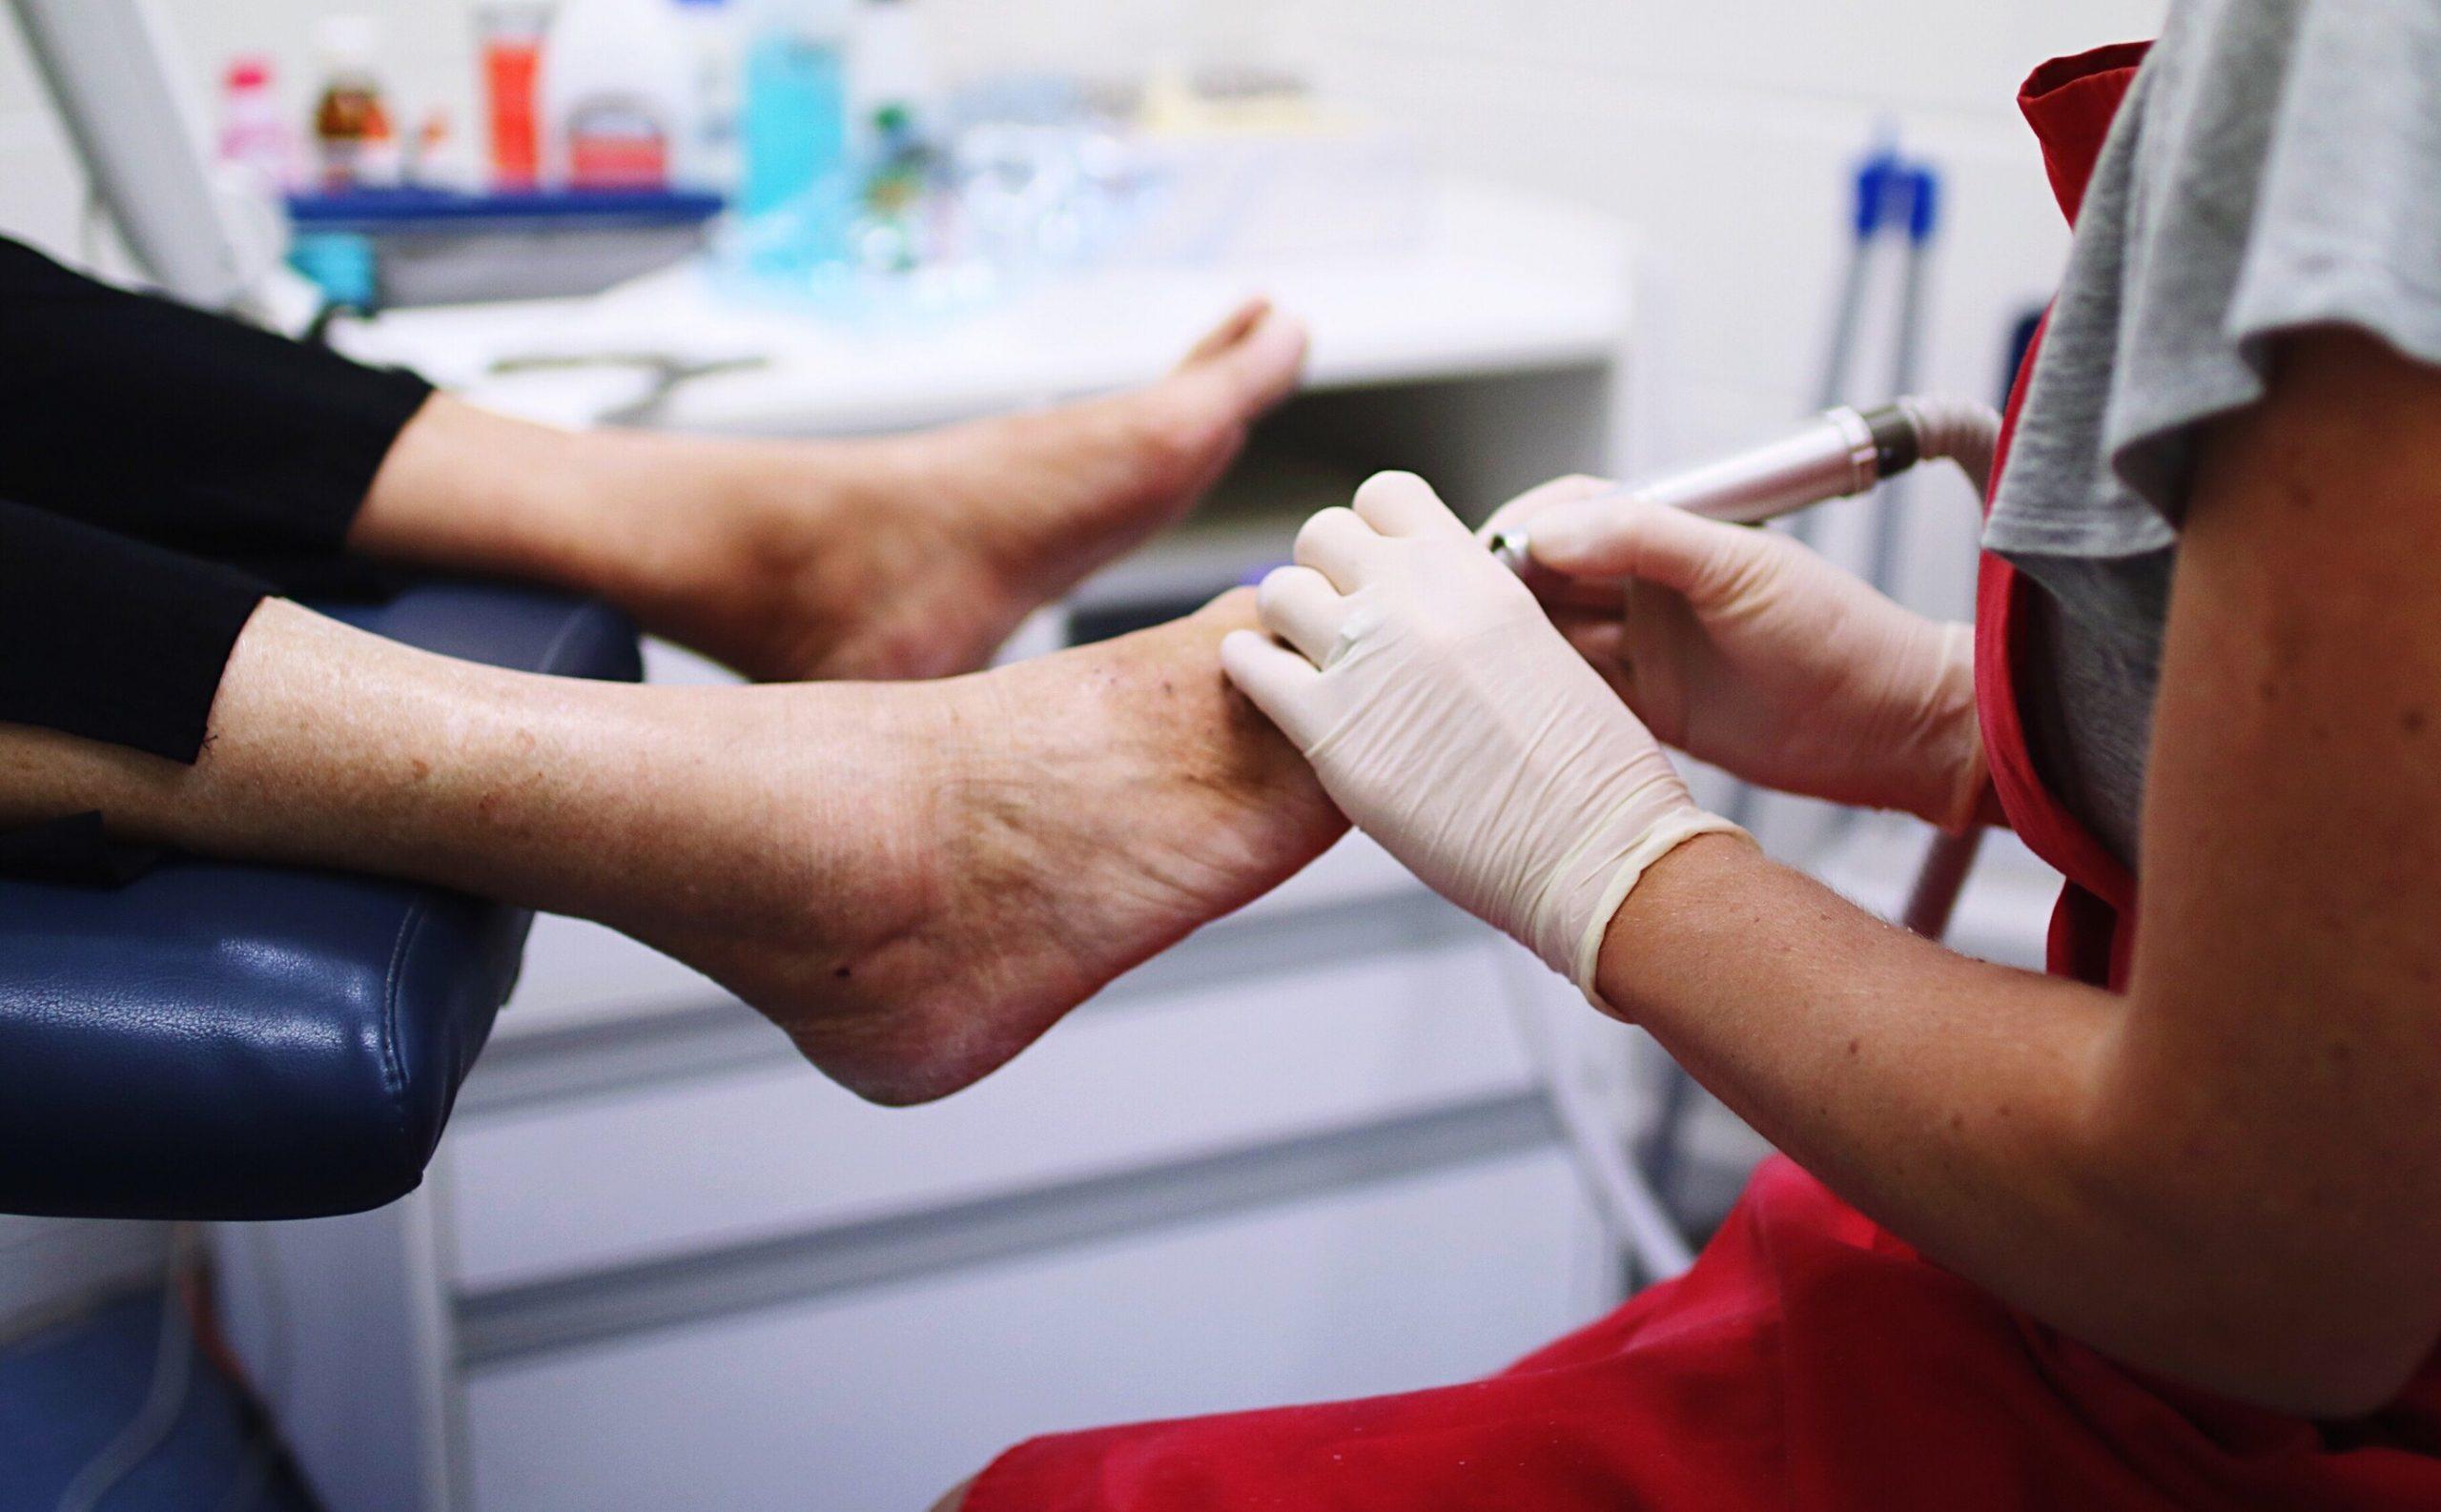 Degetele învinețite, semne ale unei imunități înnăscute la SARS-Cov-2, afirmă doi dermatologi elvețieni